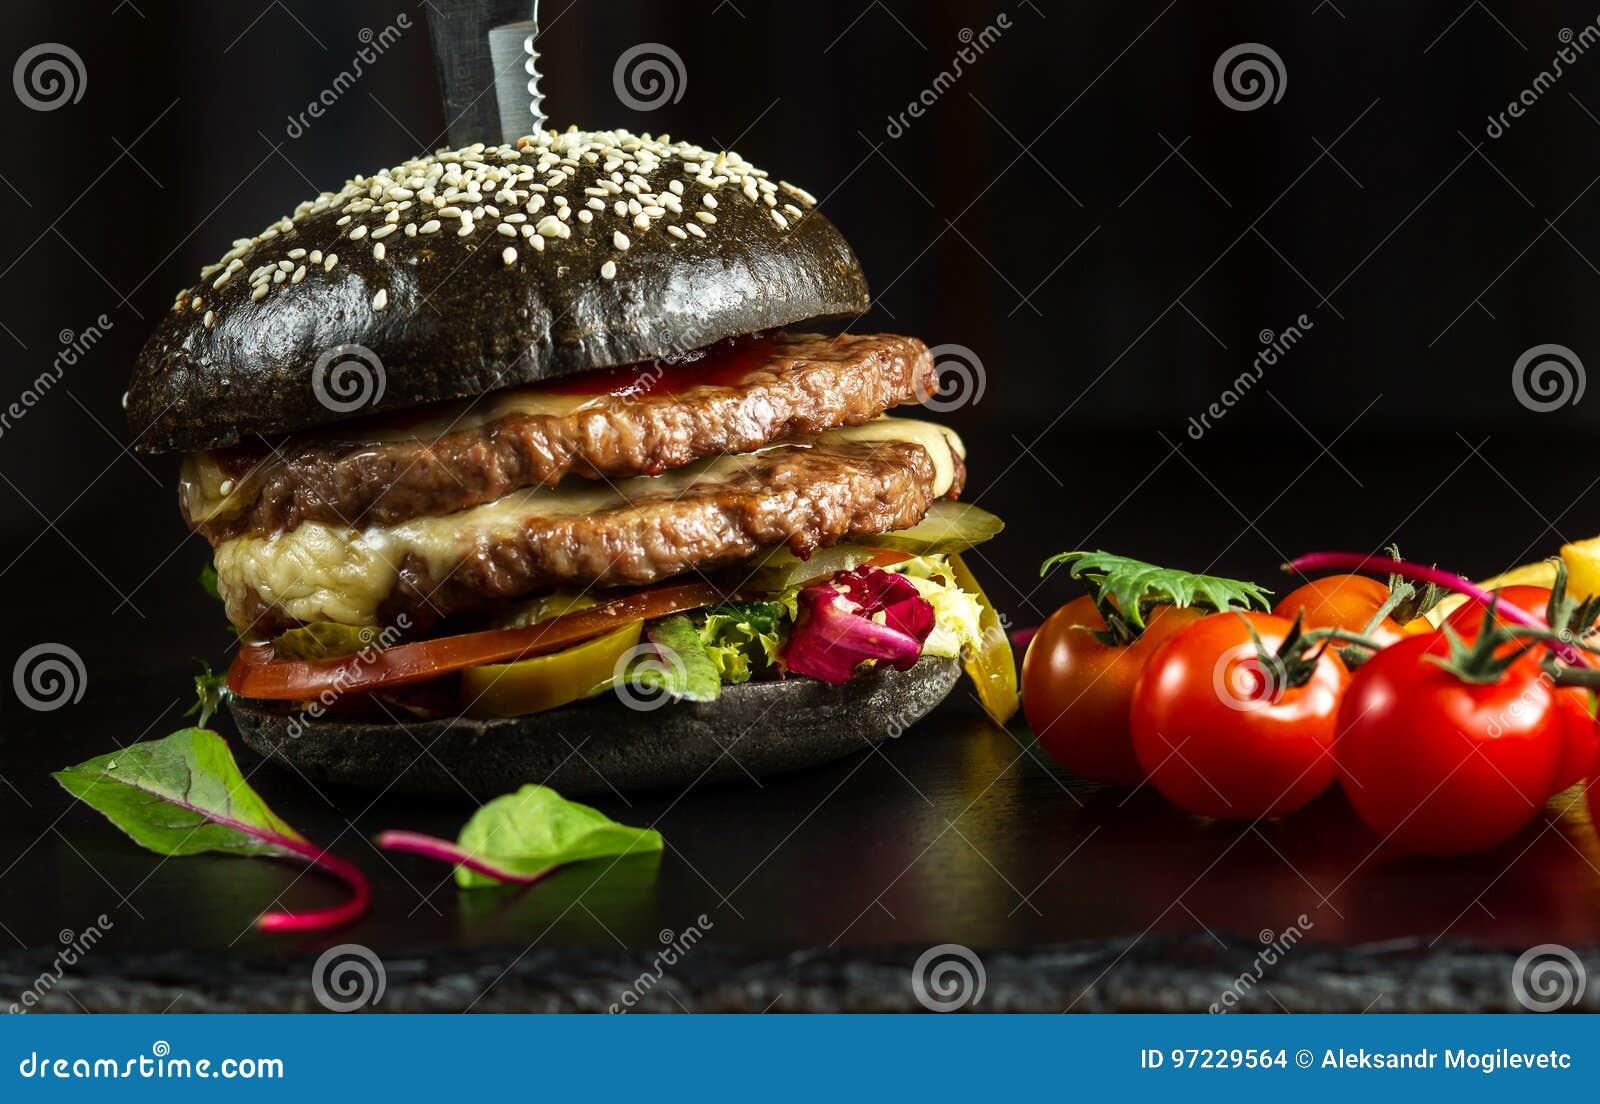 Hamburguesa doble negra hecha de la carne de vaca, con pimienta del jalapeno